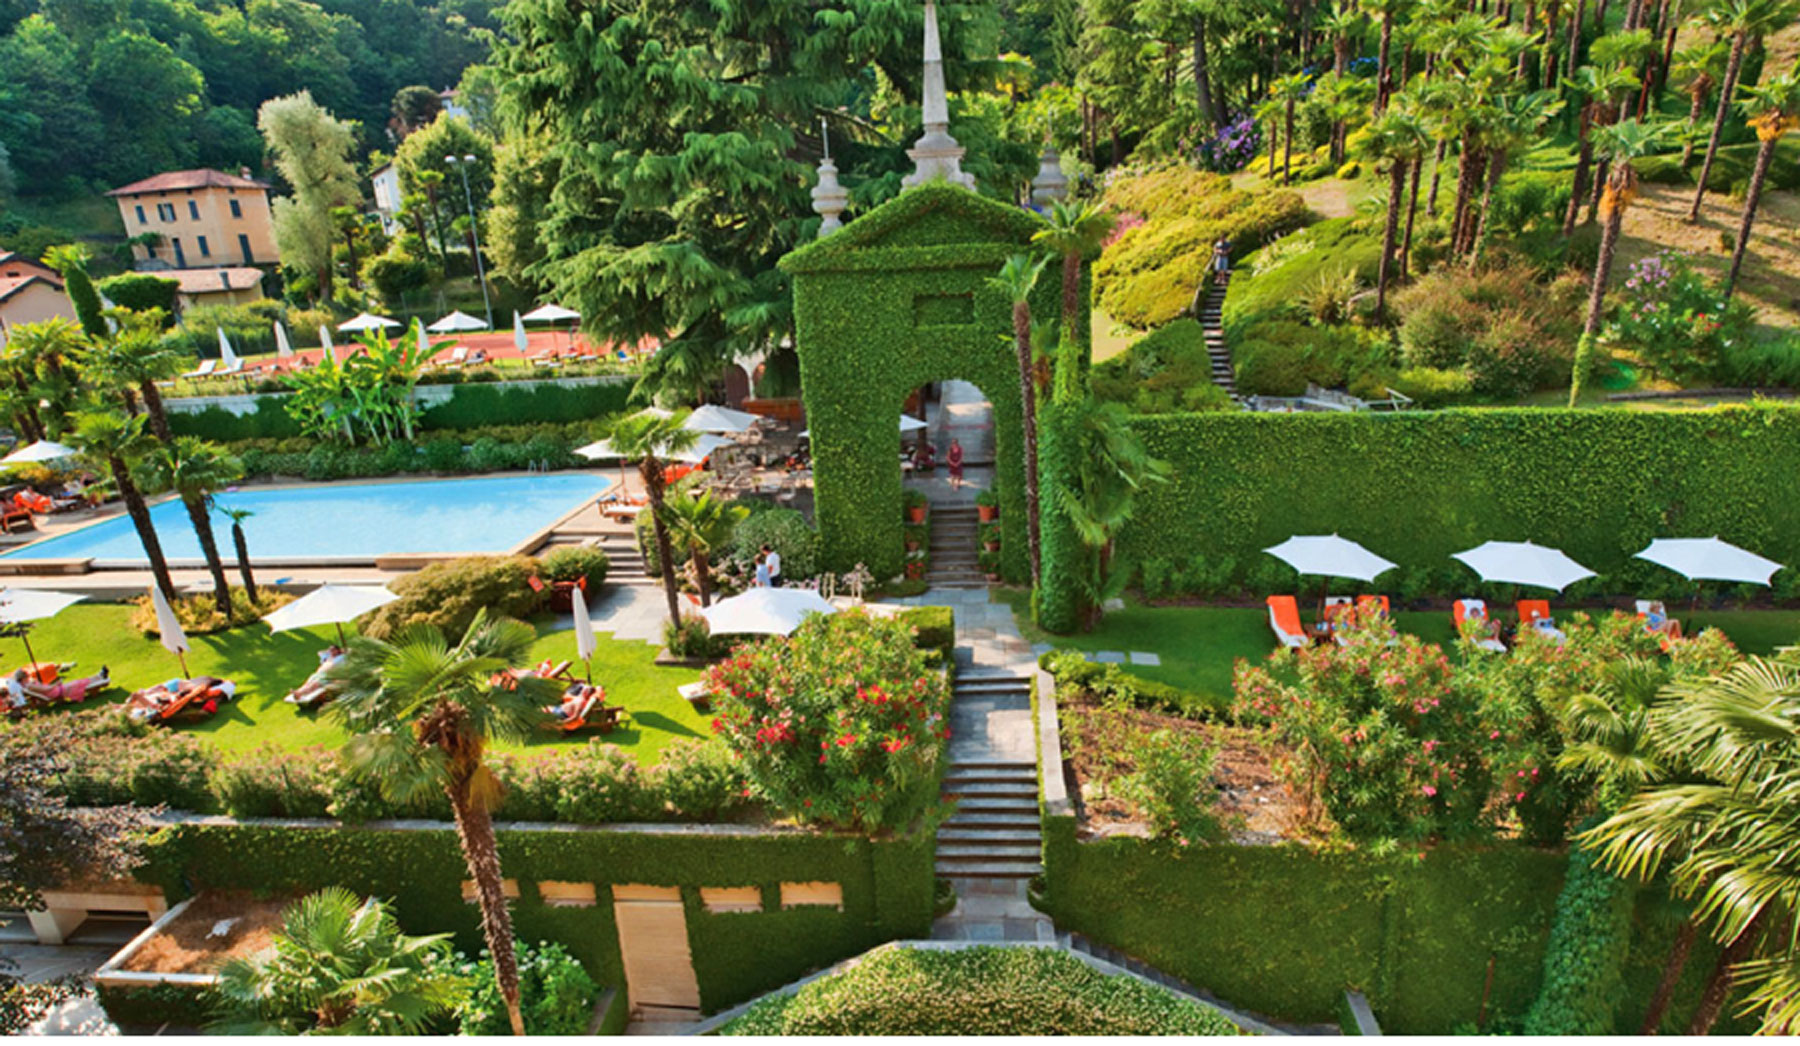 grand_hotel_tremezzo_lake_como_italy_garden